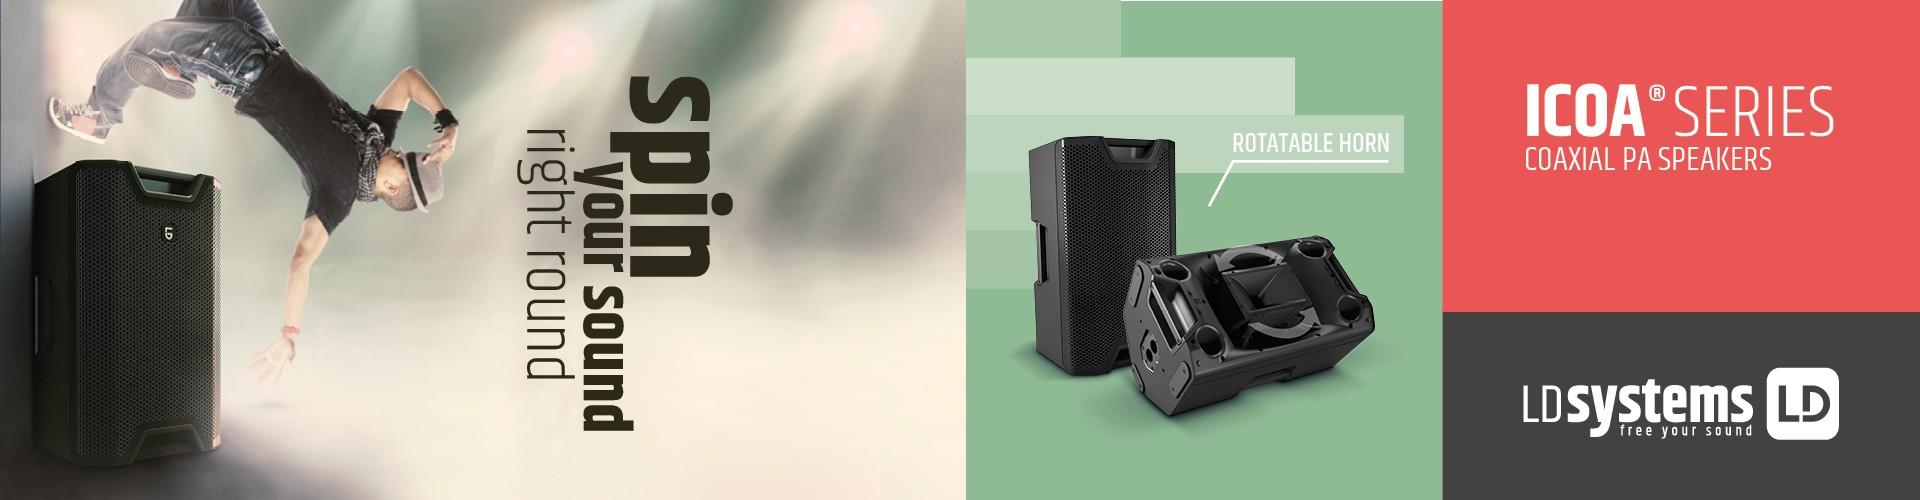 Cajas de directo LD Systems serie ICOA